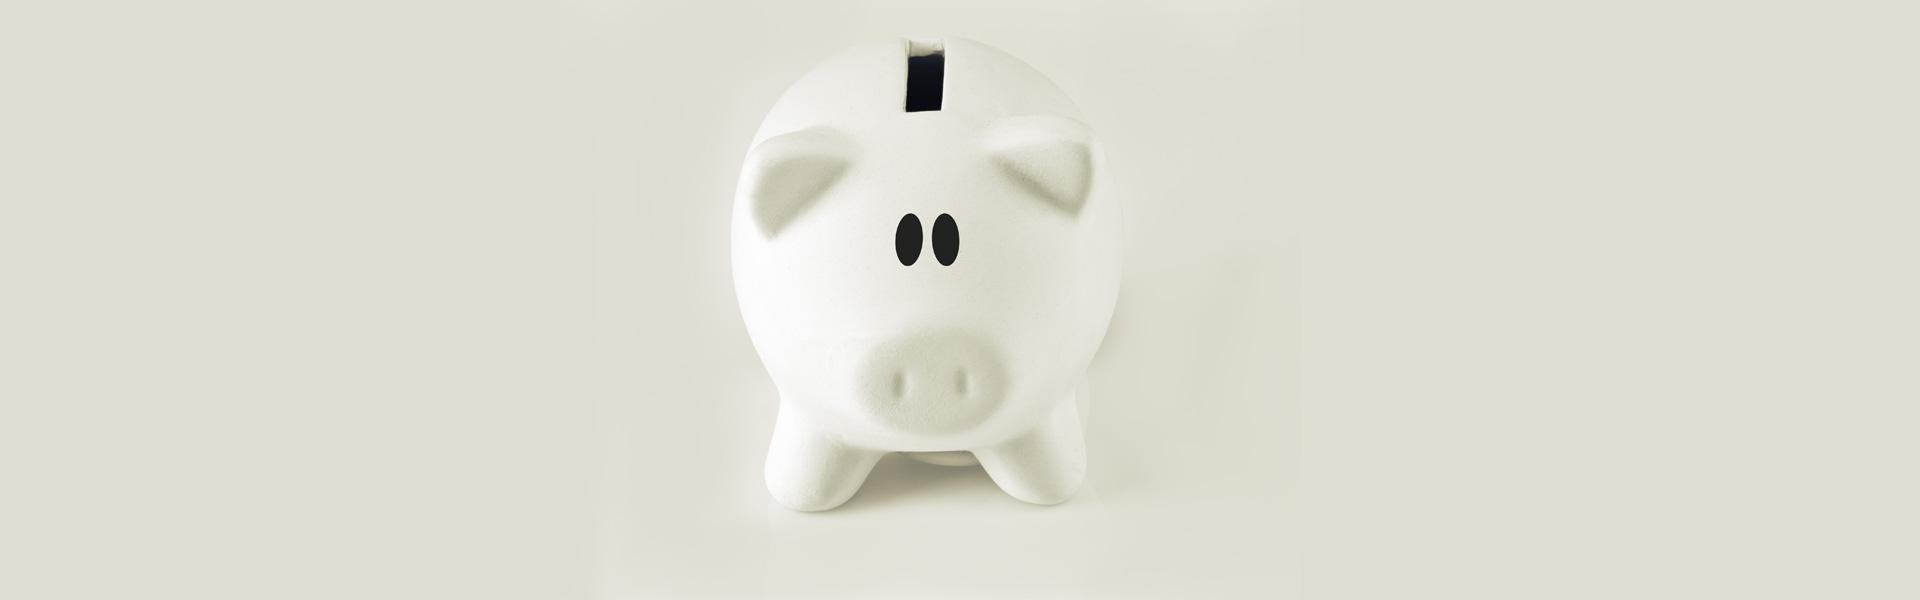 PLANIFICACIÓN FINANCIERA: TIPS PARA NO EXCEDERTE EN GASTOS